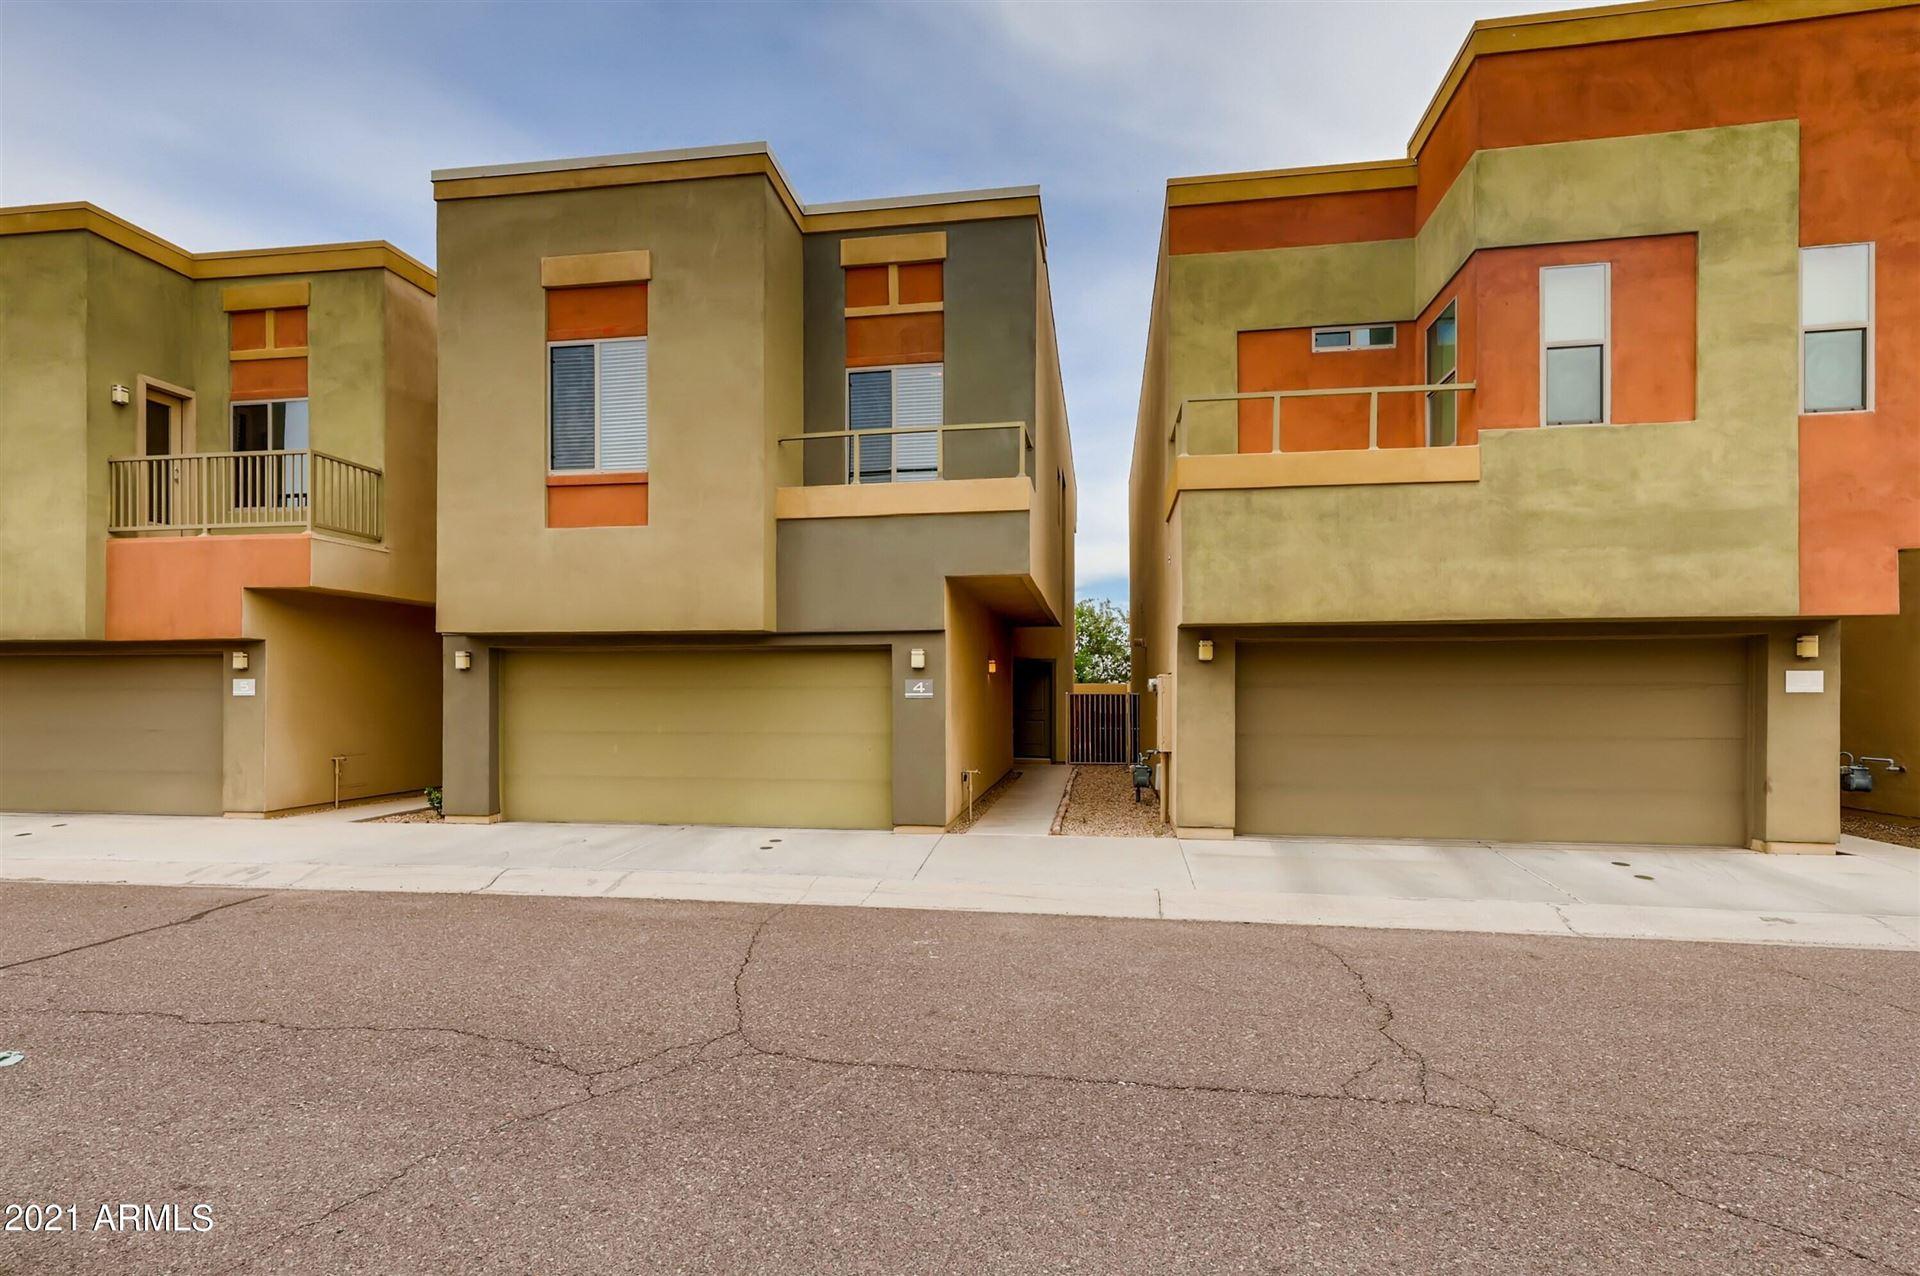 3113 E DANBURY Road #4, Phoenix, AZ 85032 - MLS#: 6296202